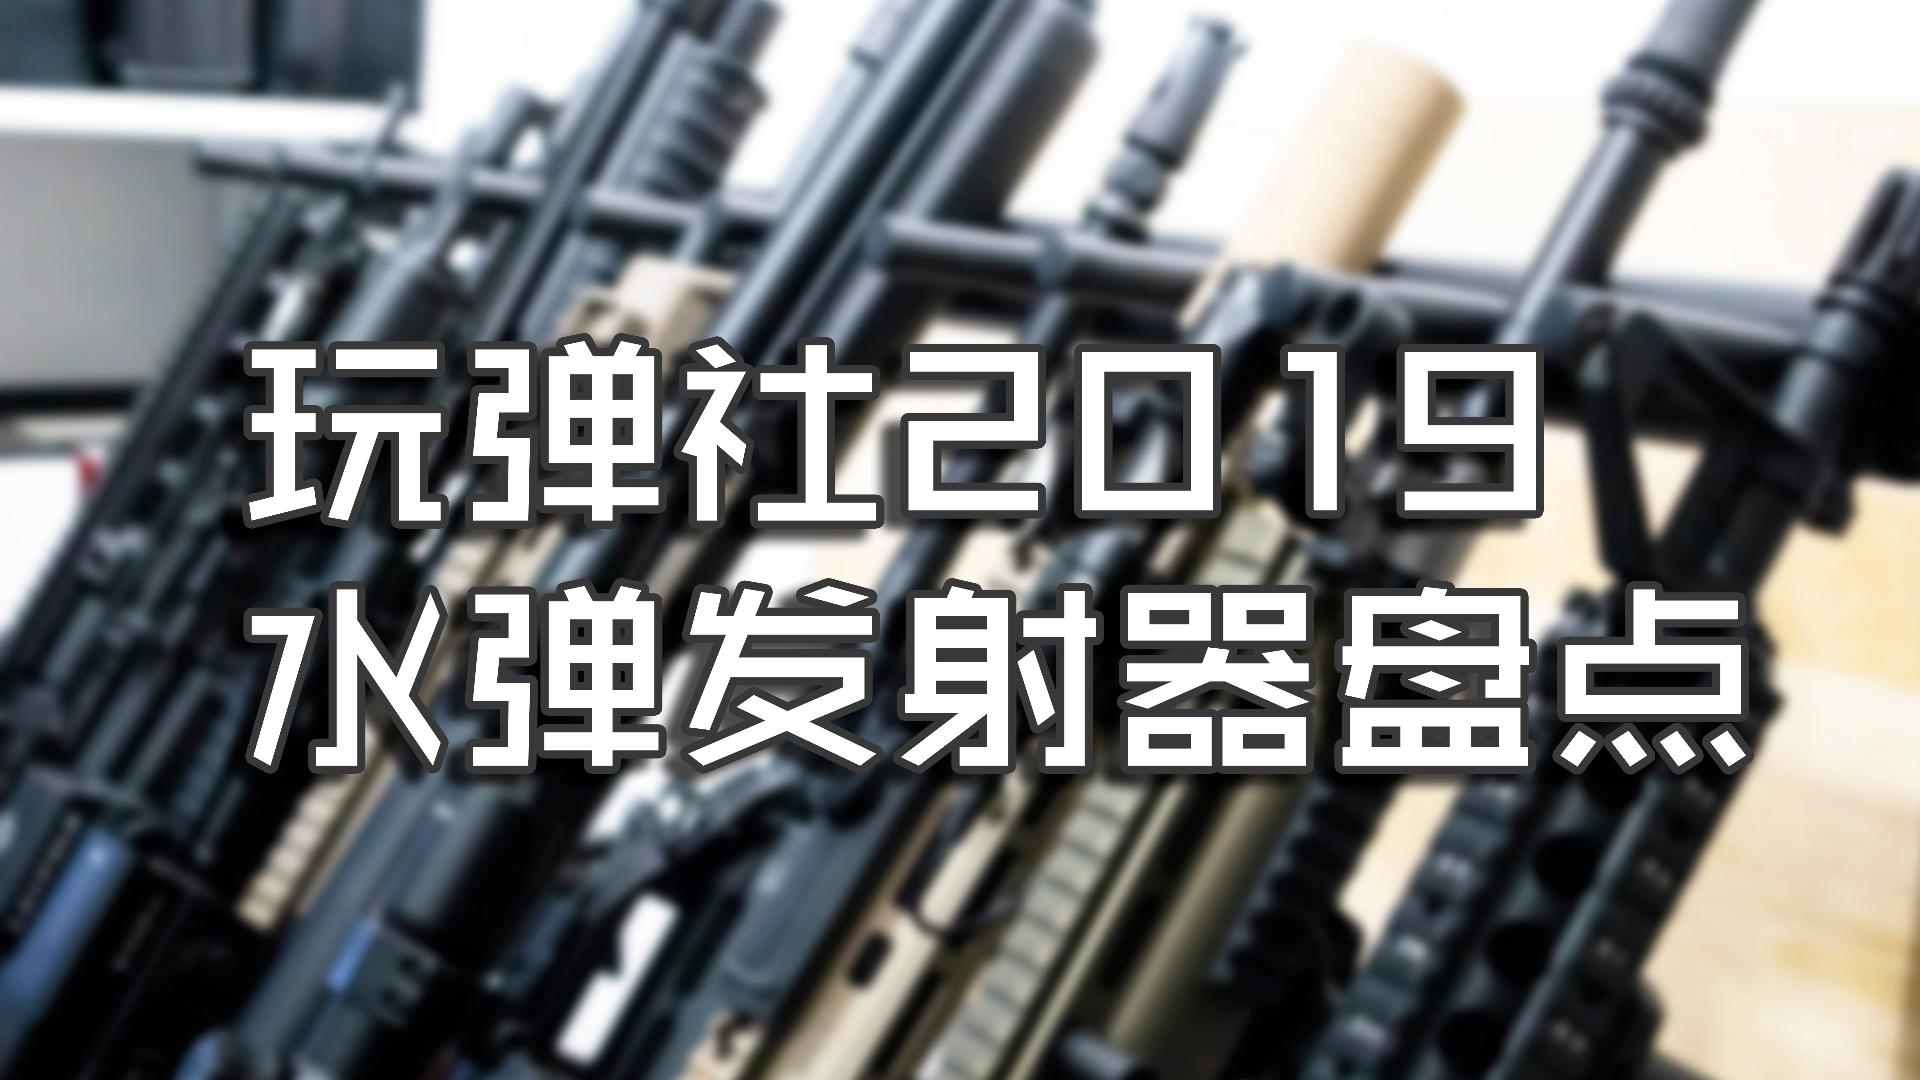 【整活】玩弹社2019年终盘点:新的一年请加大力度!